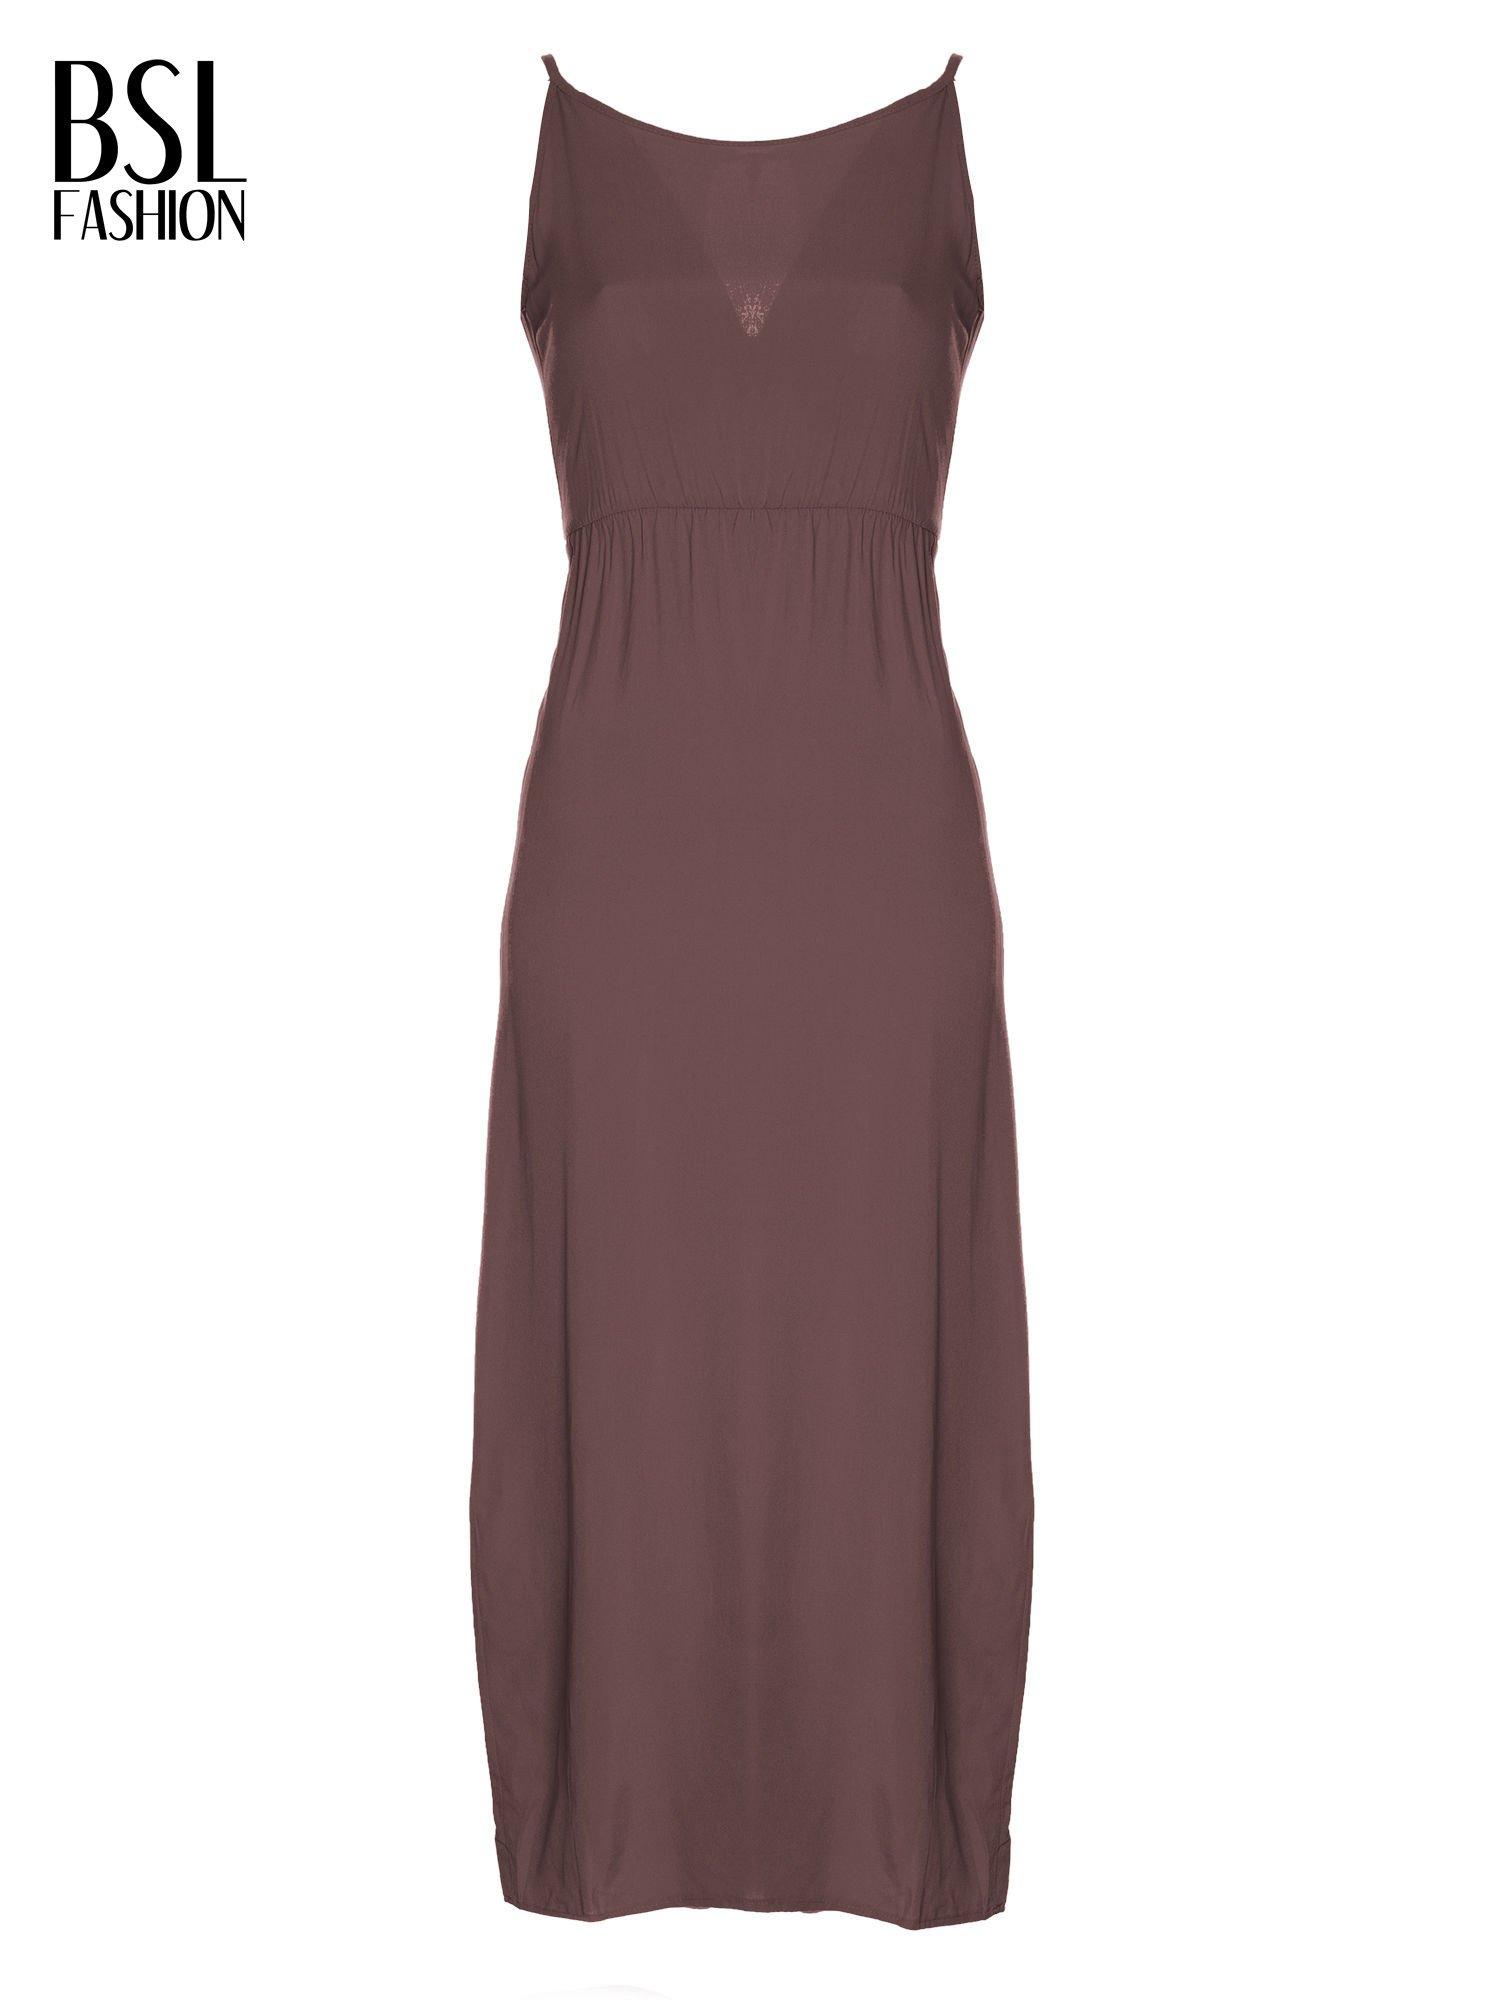 Brązowa sukienka maxi na ramiączkach z koronkowym tyłem                                  zdj.                                  5